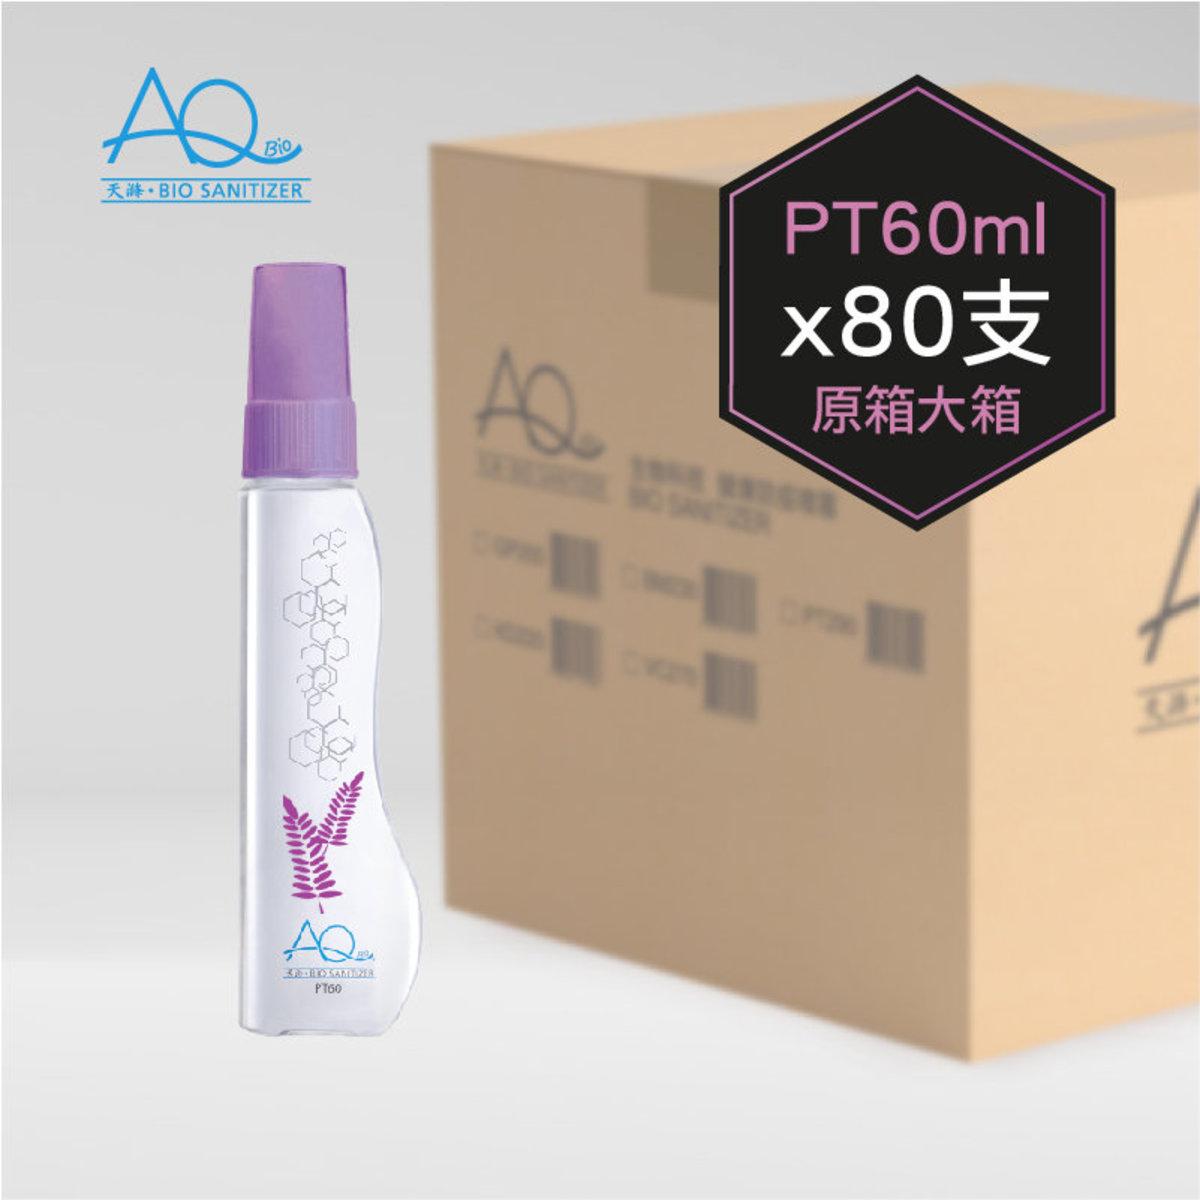 原箱大箱: 寵物滅菌除臭配方 60ml  (80支)